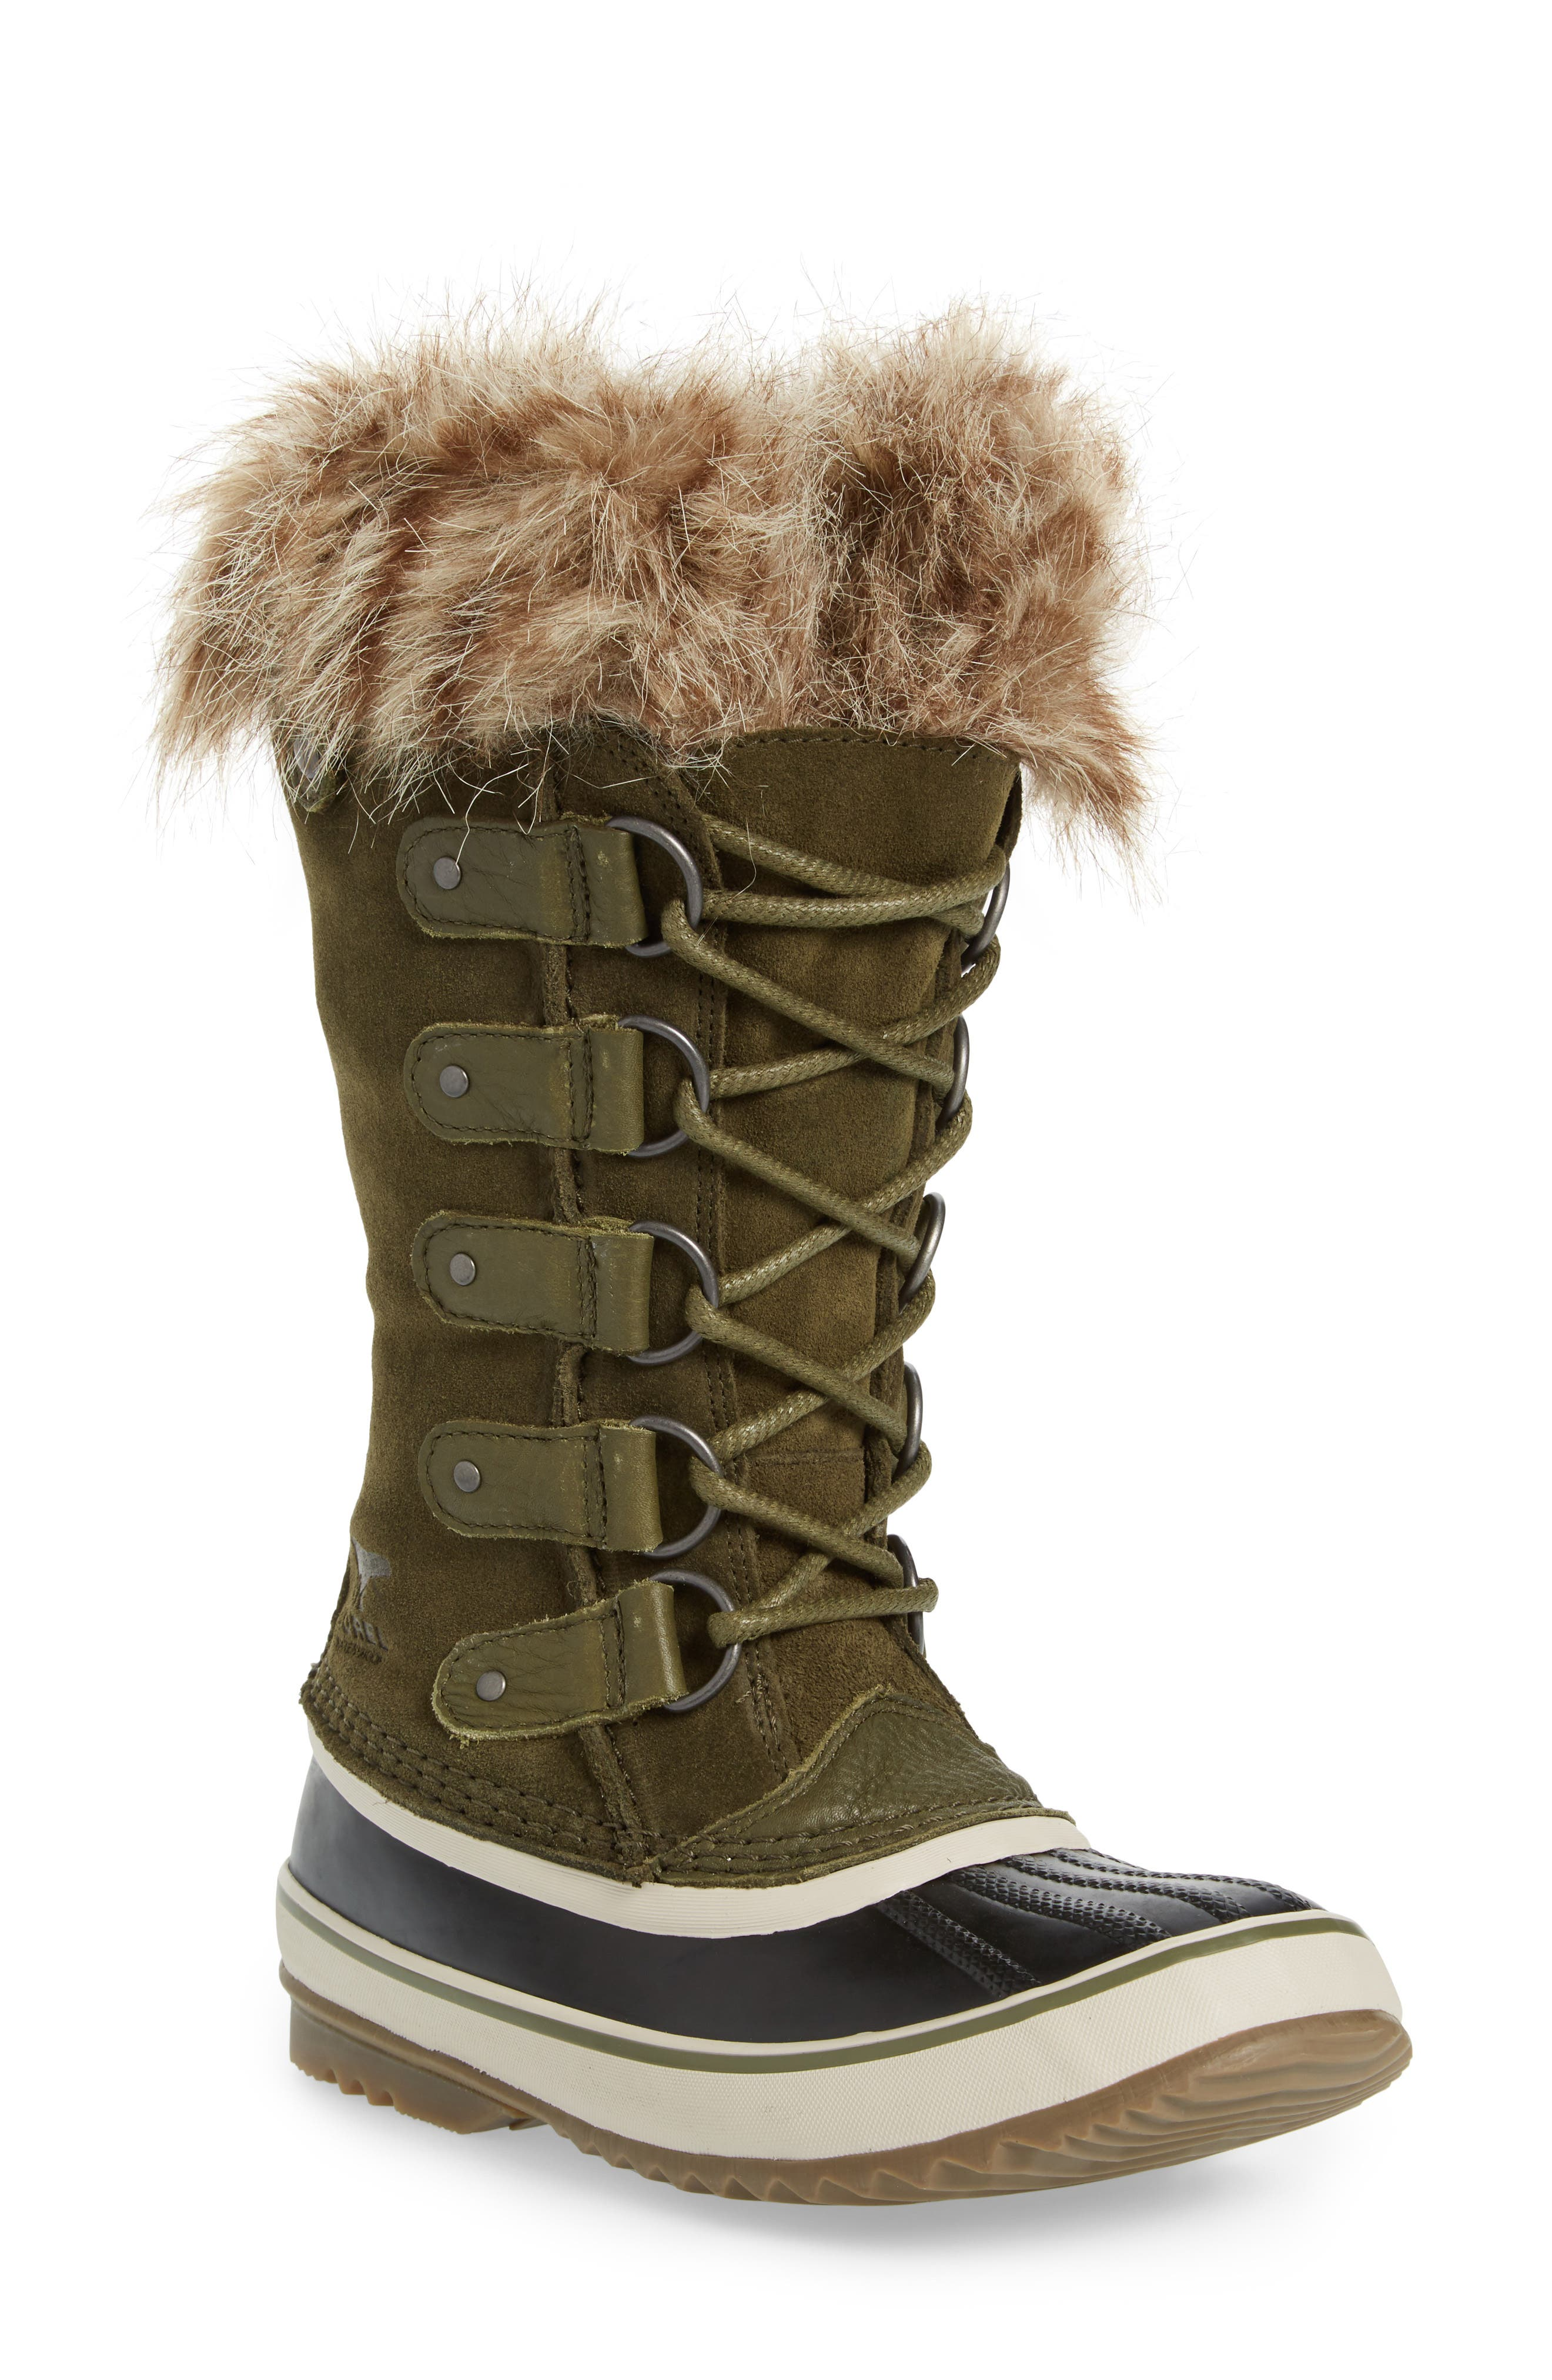 Alternate Image 1 Selected - SOREL 'Joan of Arctic' Waterproof Snow Boot